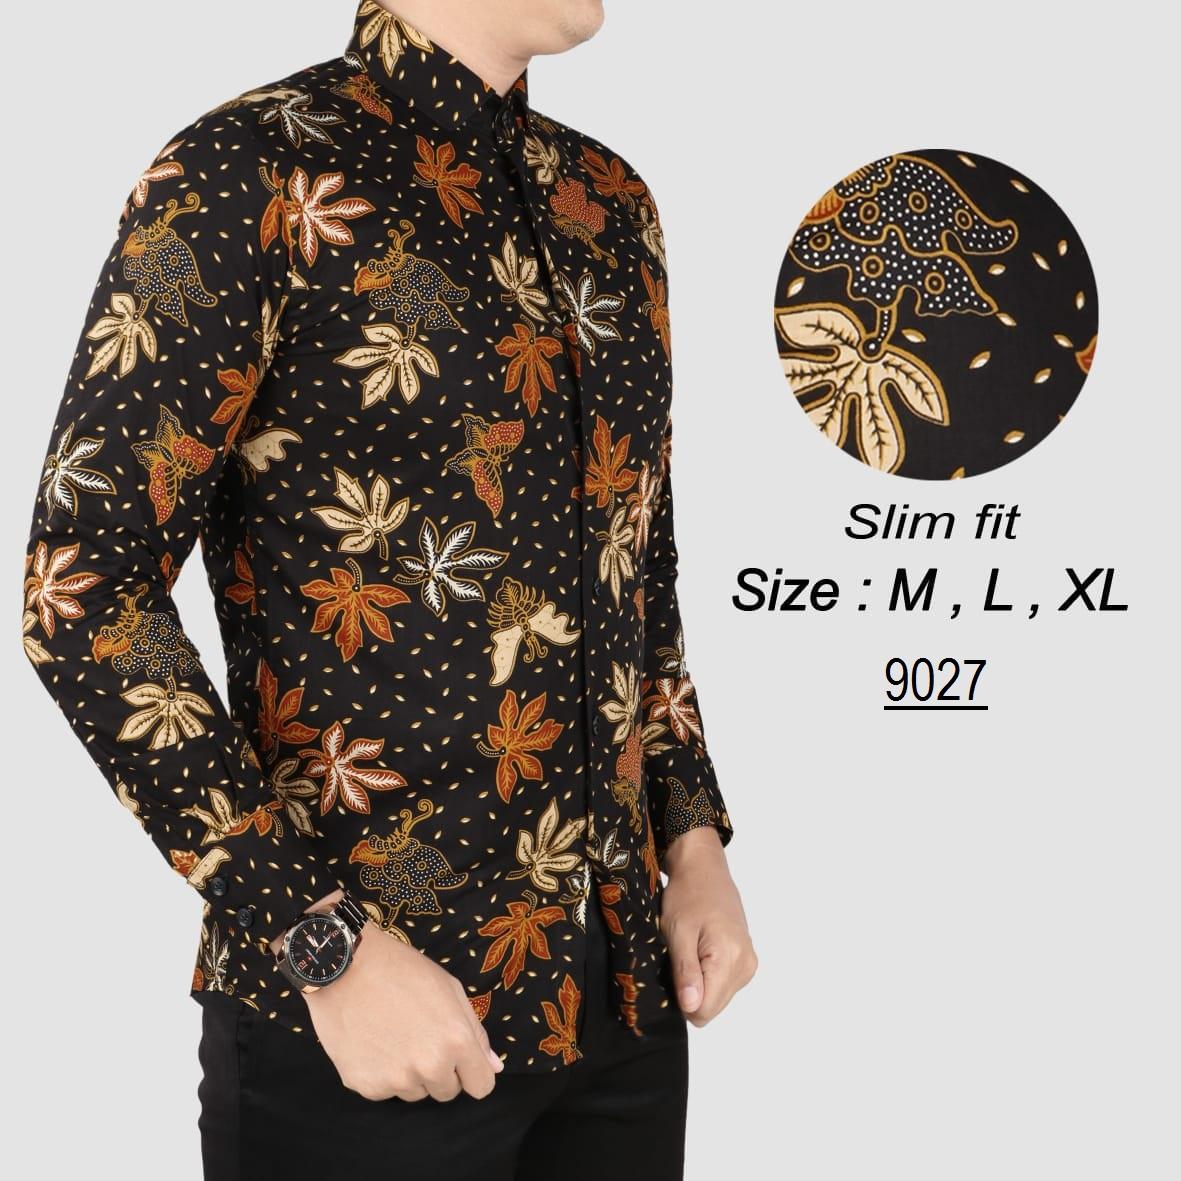 her+man batik pria modern kemeja batik pria slim fit 185w1